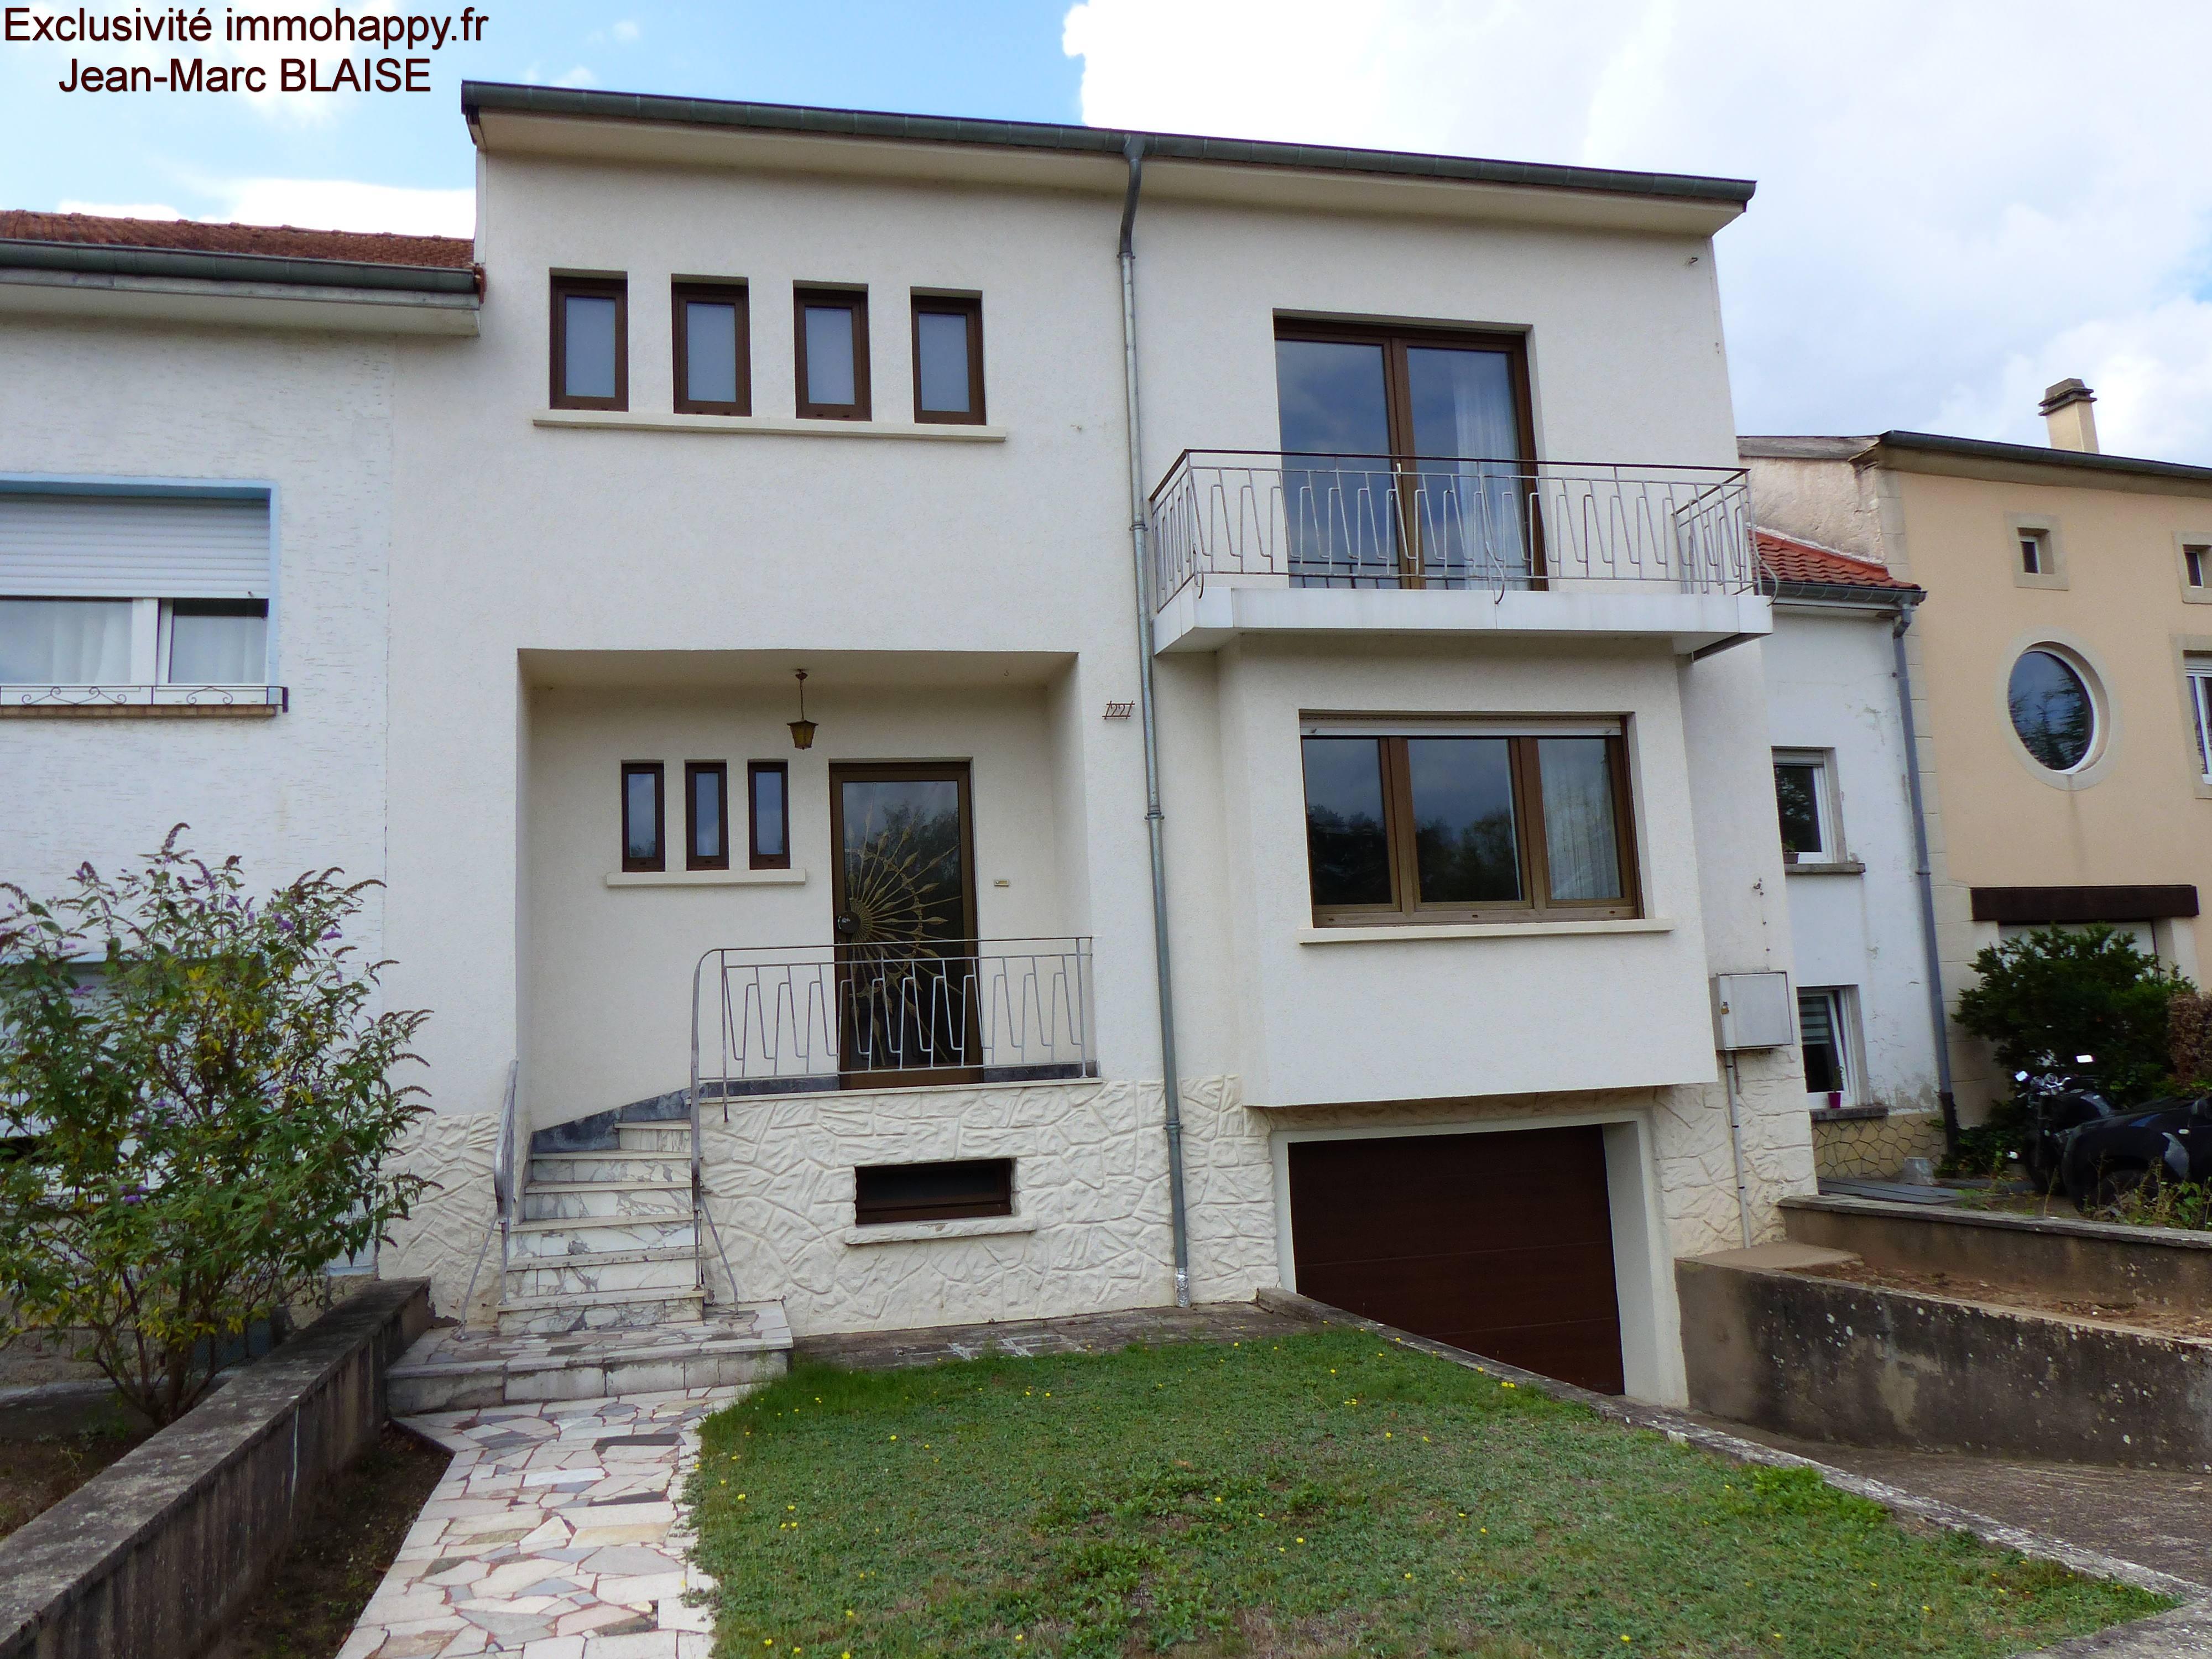 Maison en impasse à DIESEN, terrain 13 ares 149000 €